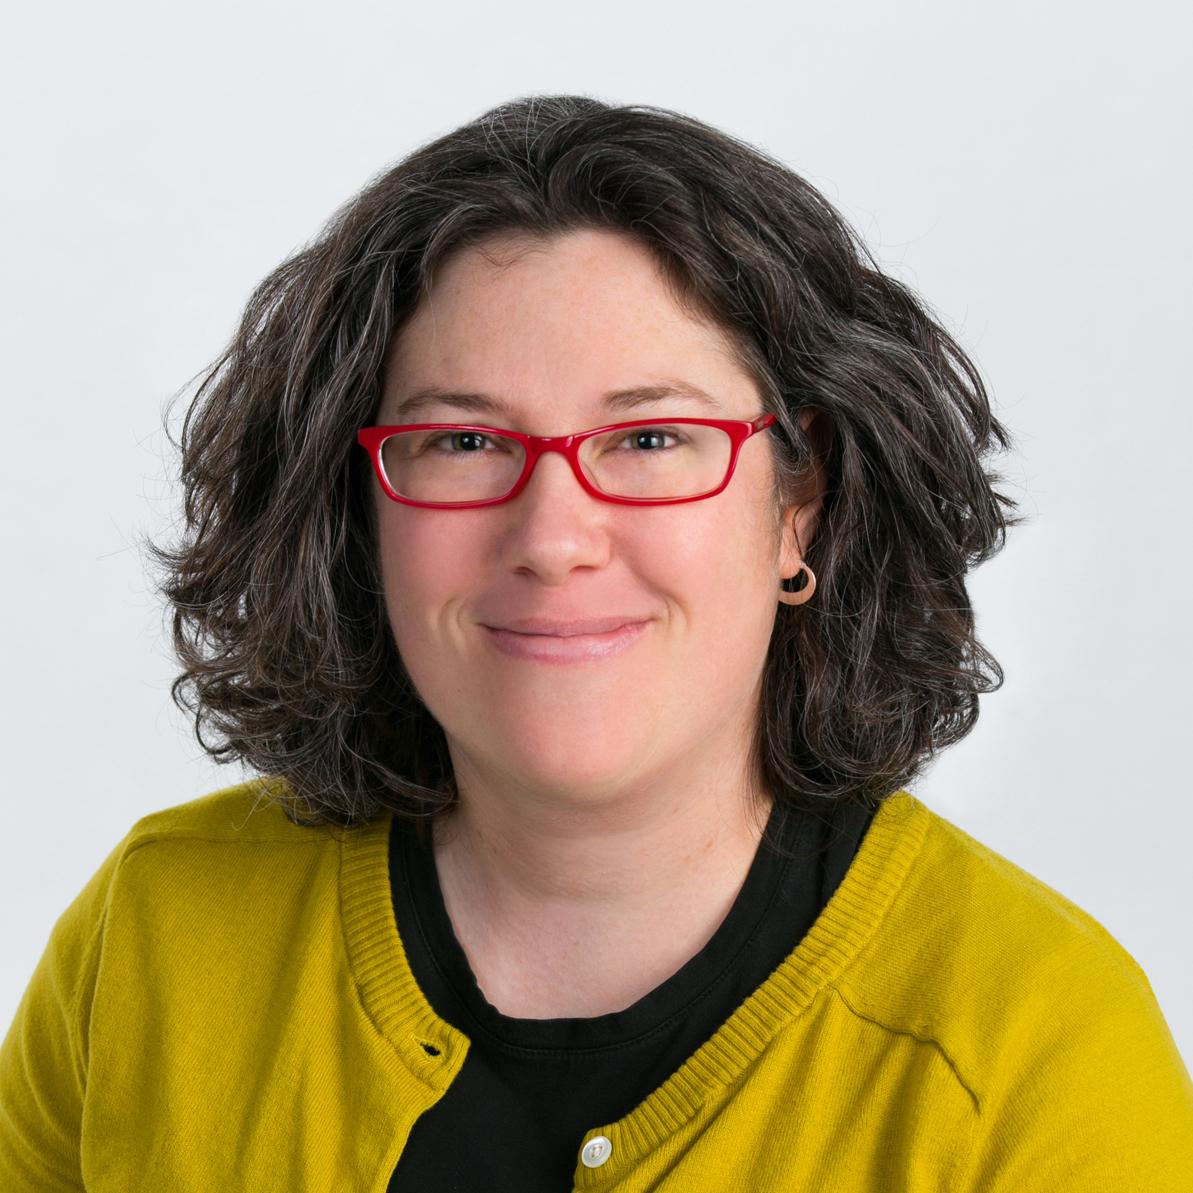 Emily A. Bowman